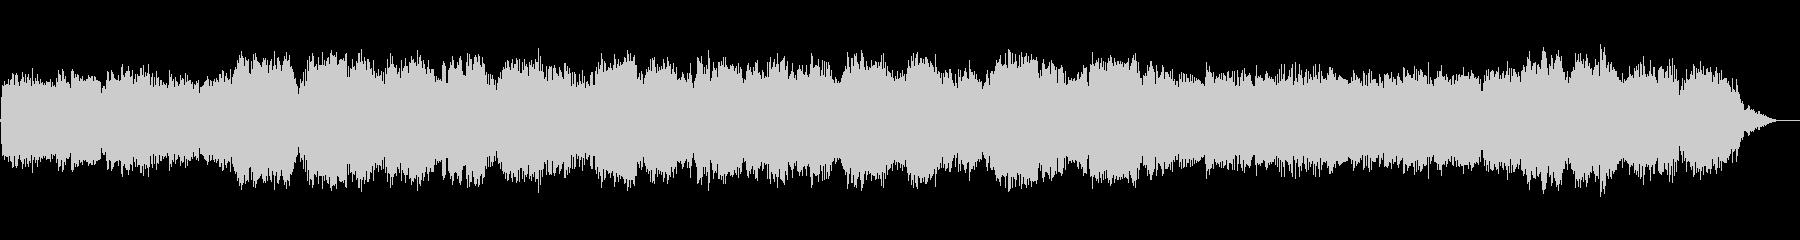 笛とシンセサイザーの静かな幻想的音楽の未再生の波形